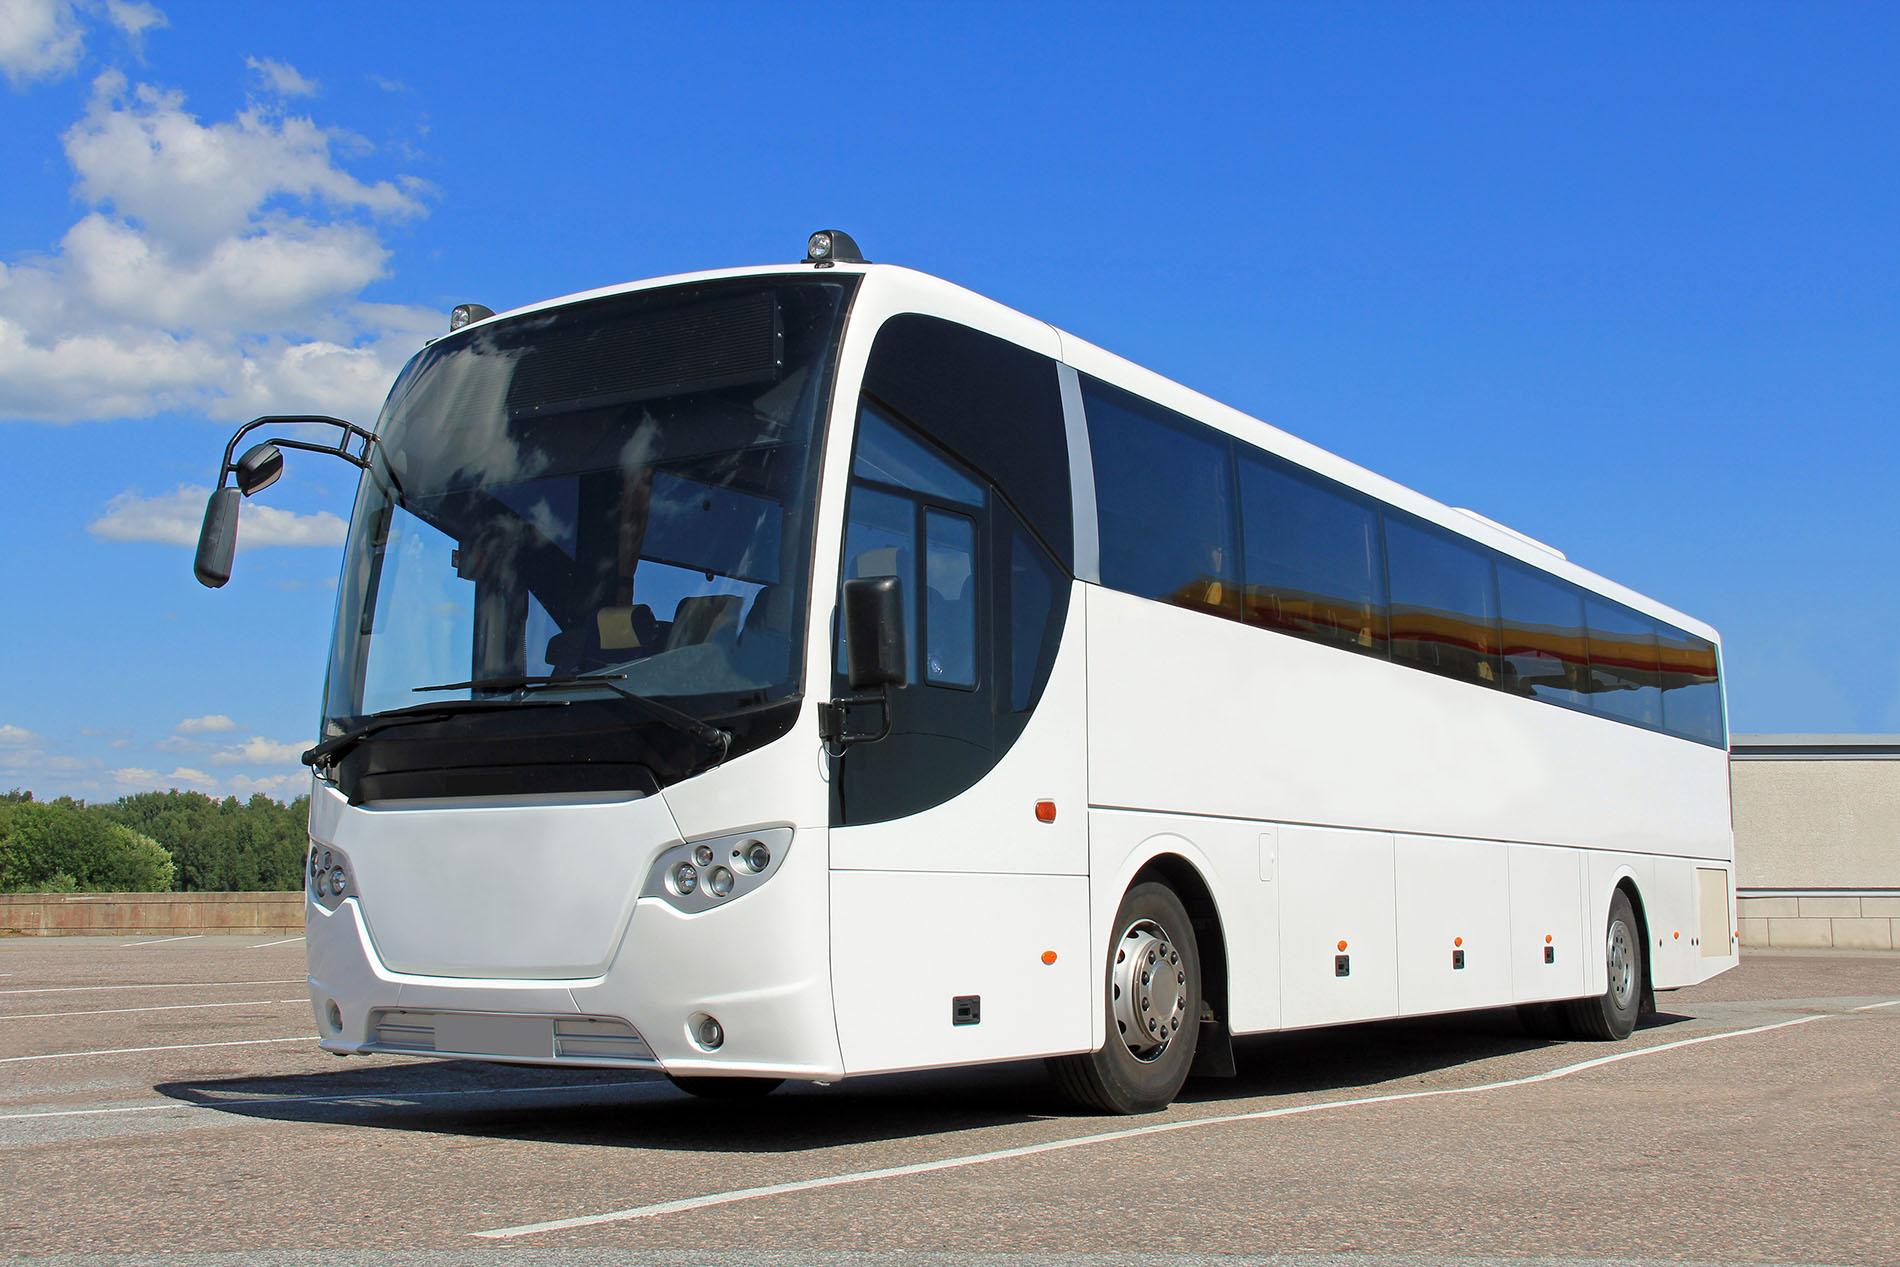 bus panelbeating